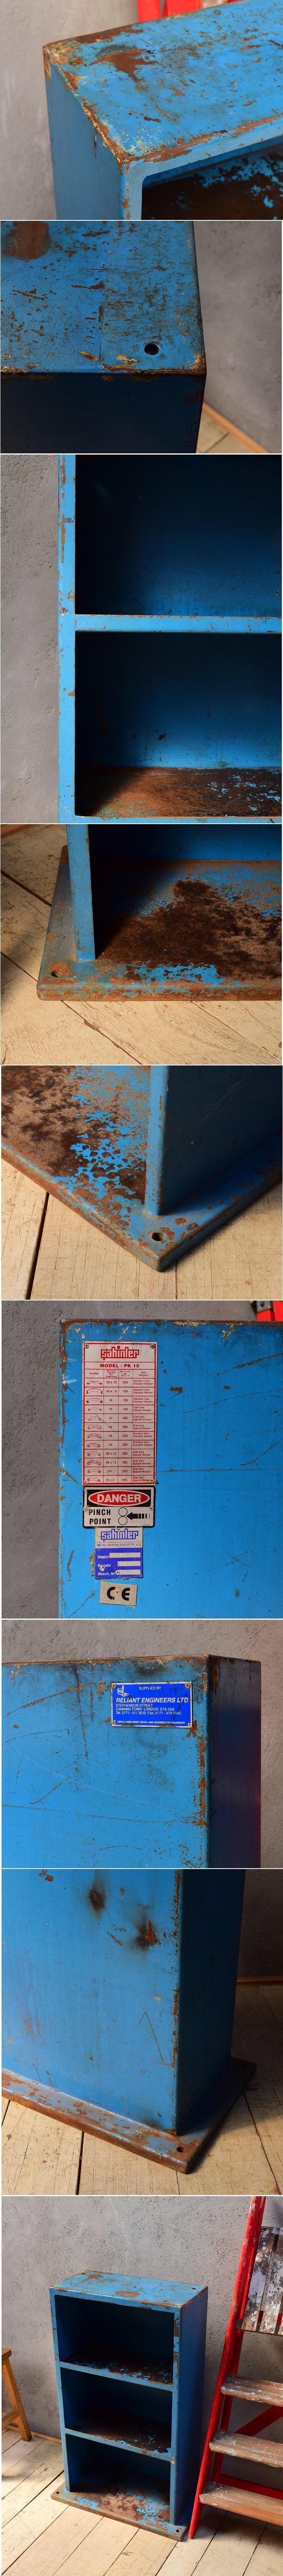 イギリス アンティーク インダストリアル ツールボックス 什器 6535